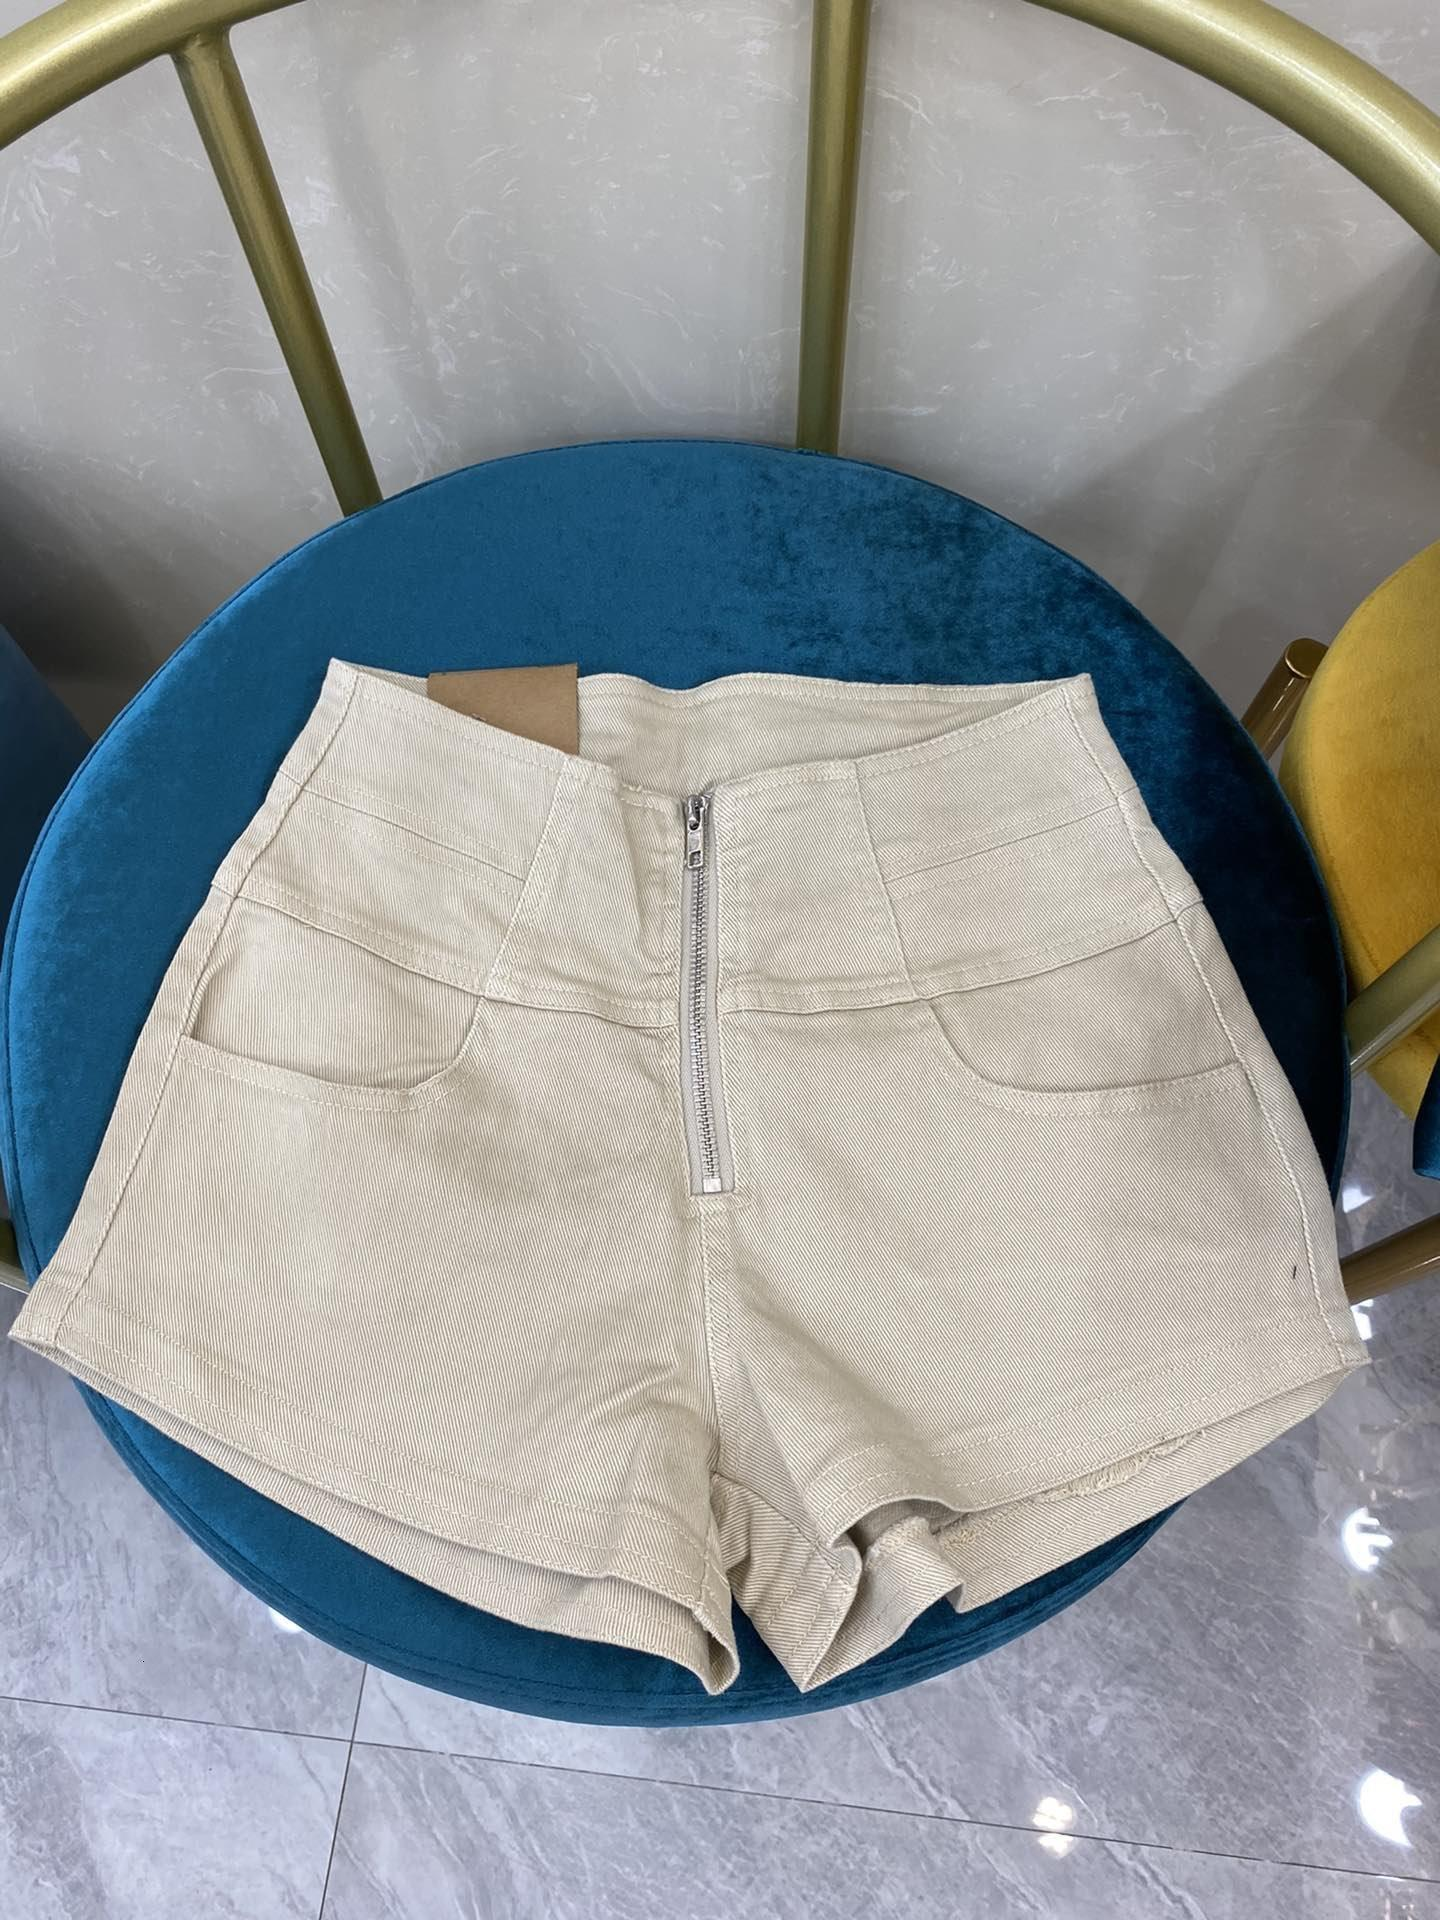 2020 высокое качество женские шорты модные новые летние женские горячие брюки повседневные и удобные лучшие женские шорты C6P9